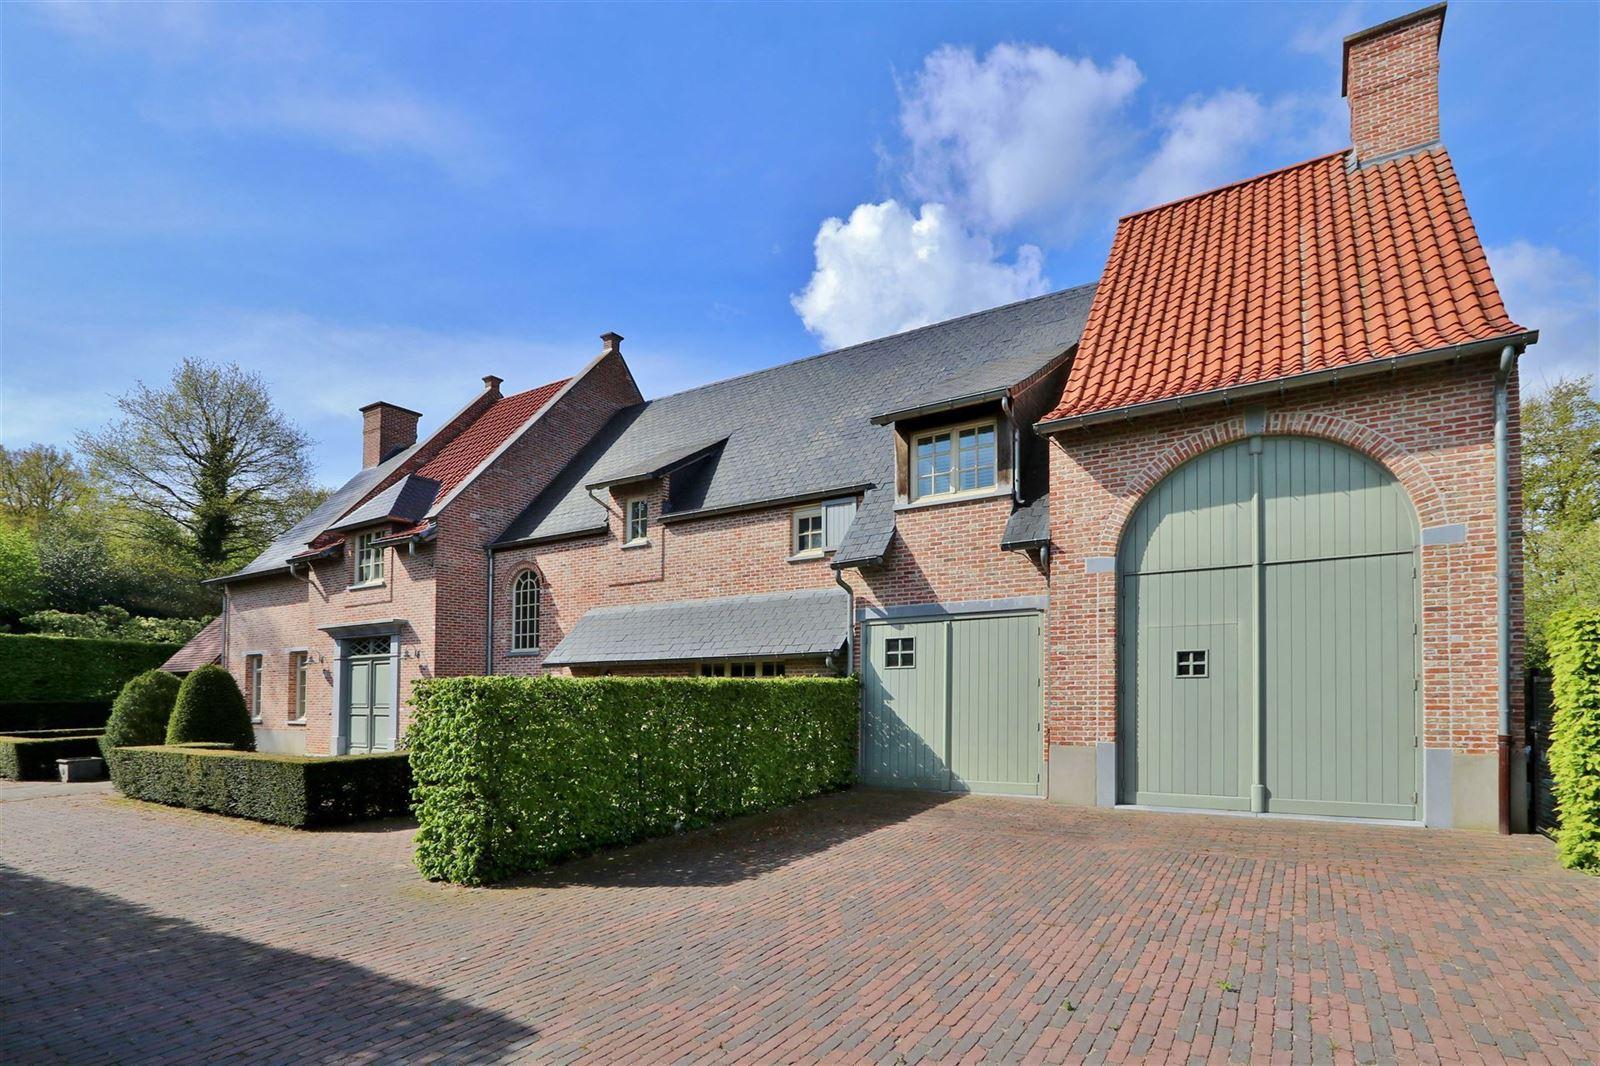 PHOTOS 1 : Maison à 1640 RHODE-SAINT-GENESE (Belgique) - Prix 1.500.000 €